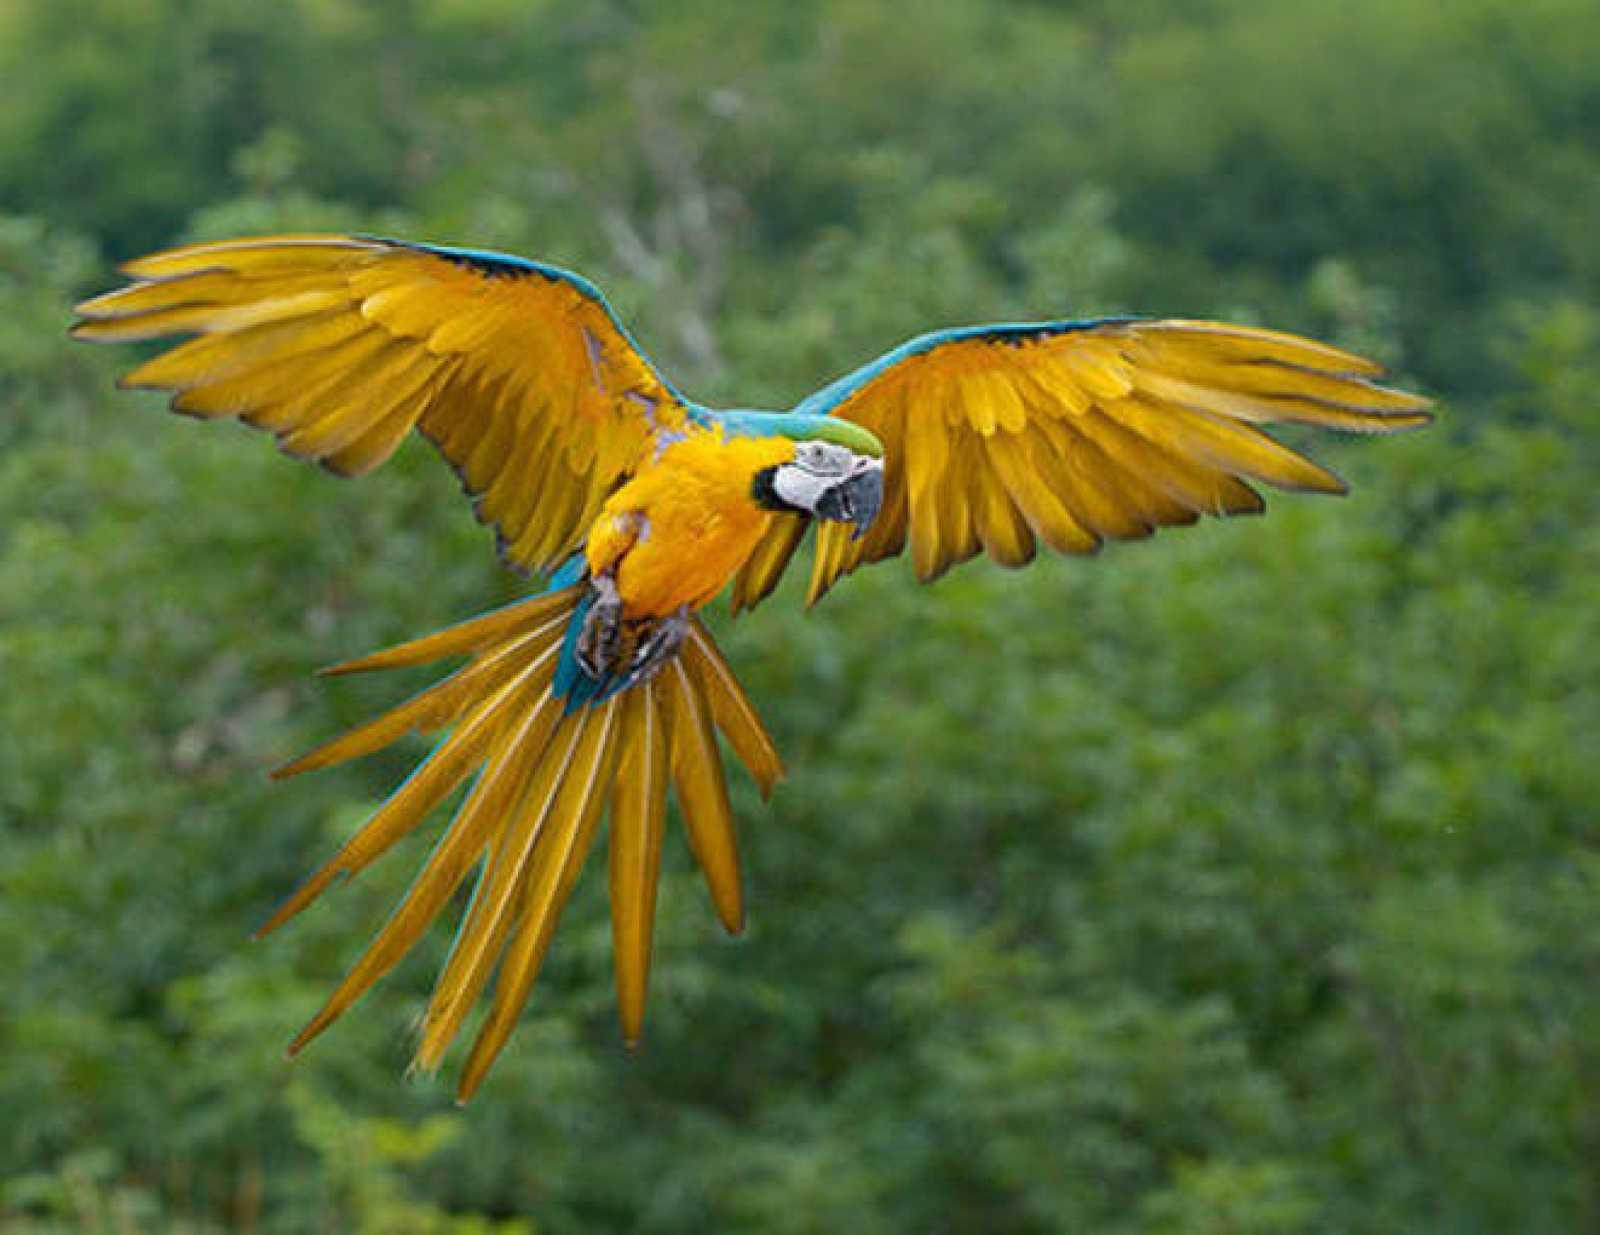 La nueva edición de la Enciclopedia de la Vida recoge tercio de las especies conocidas